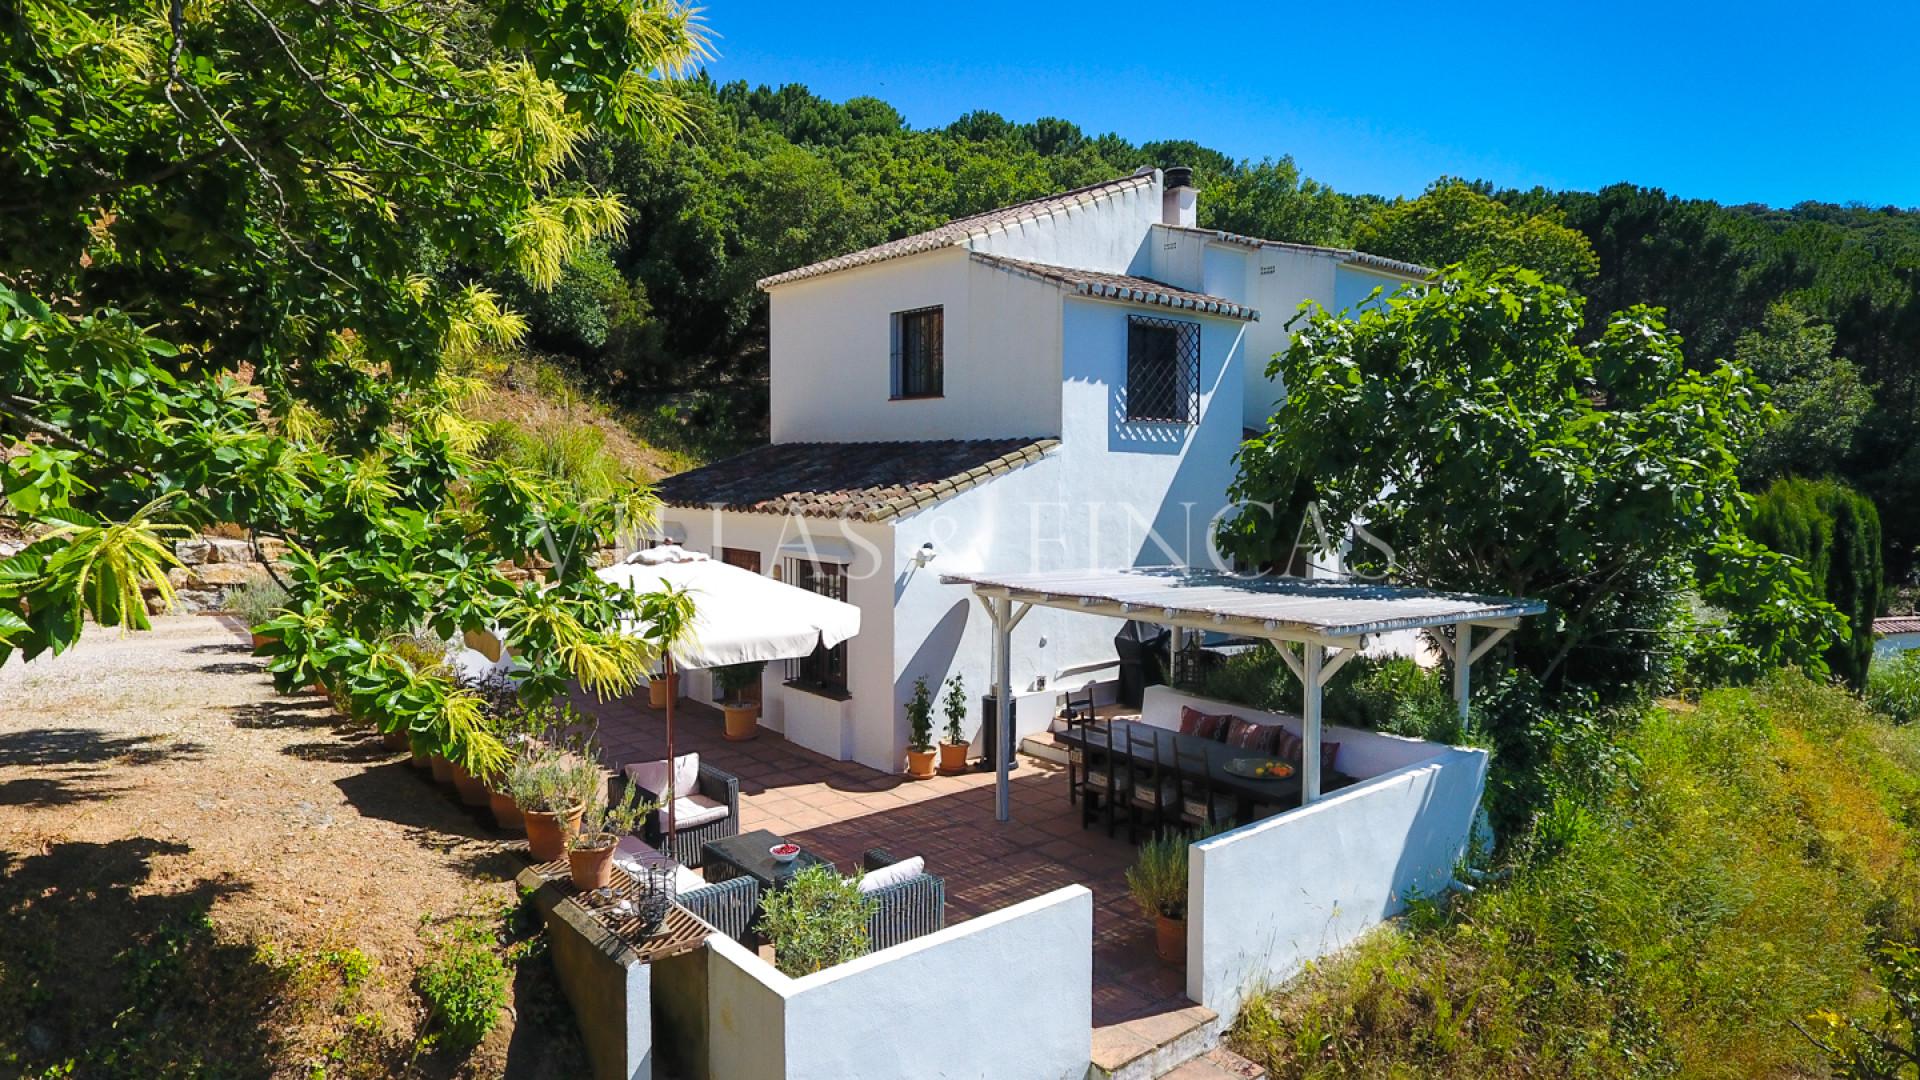 Country House for sale in Casares Montaña, Casares